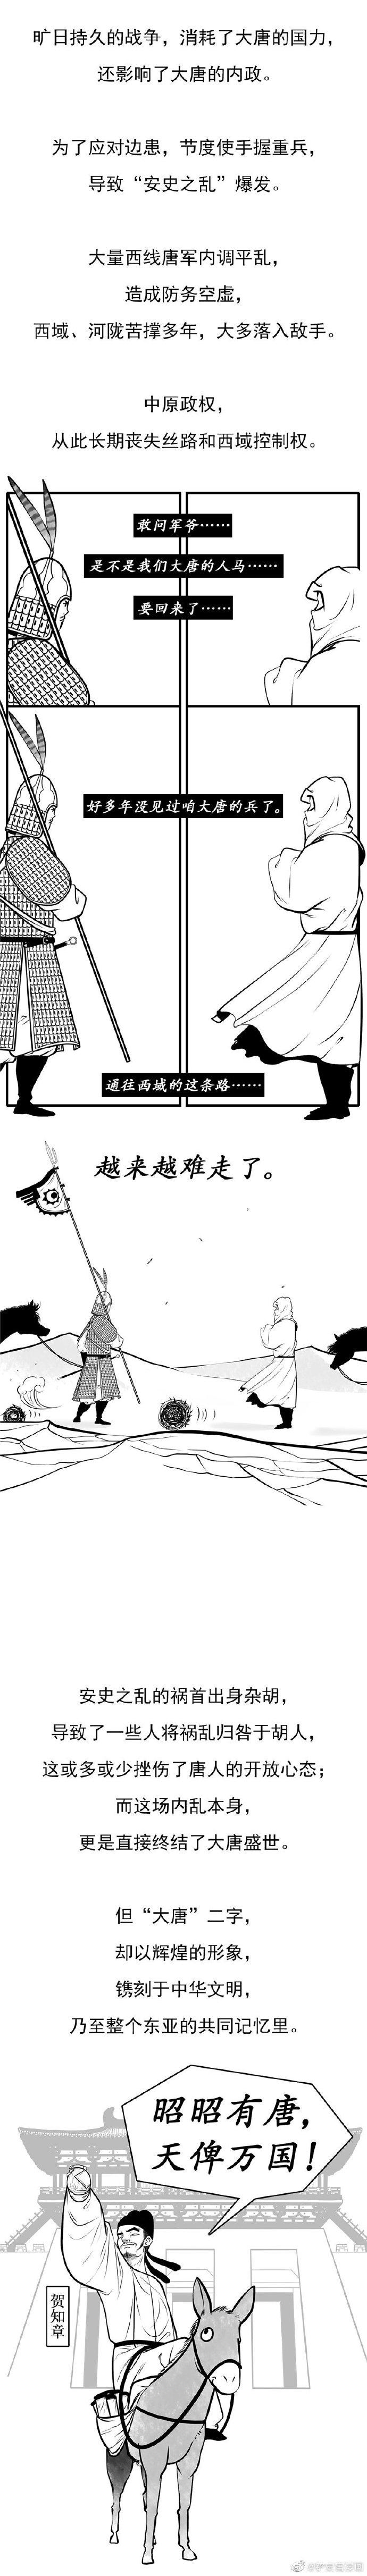 """盛唐,何以成为""""世界帝国""""?曾一仗揍得日本乖巧千年"""